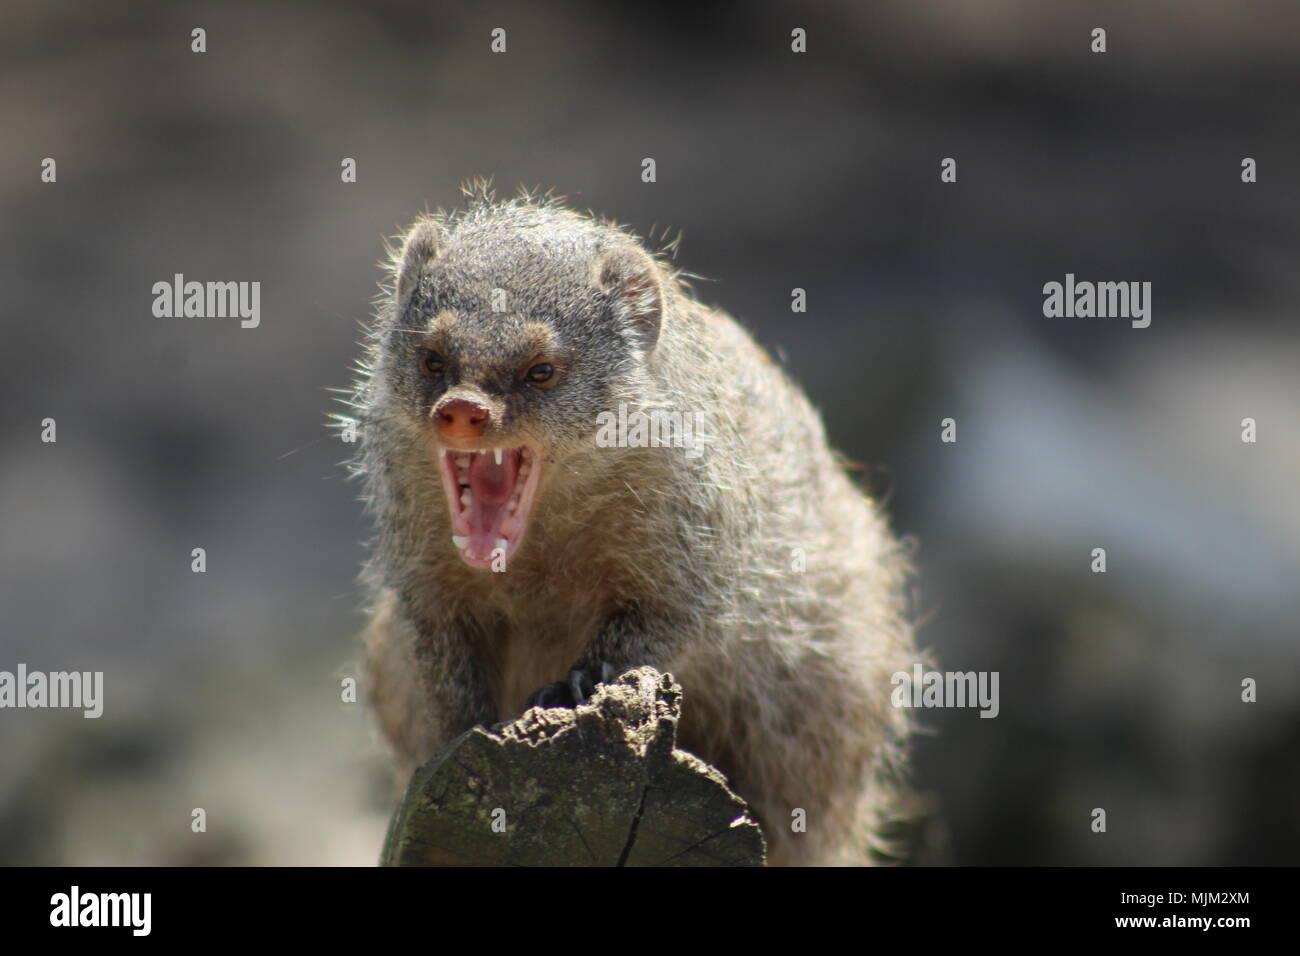 Schreiendes Tier Stockfotos Schreiendes Tier Bilder Alamy